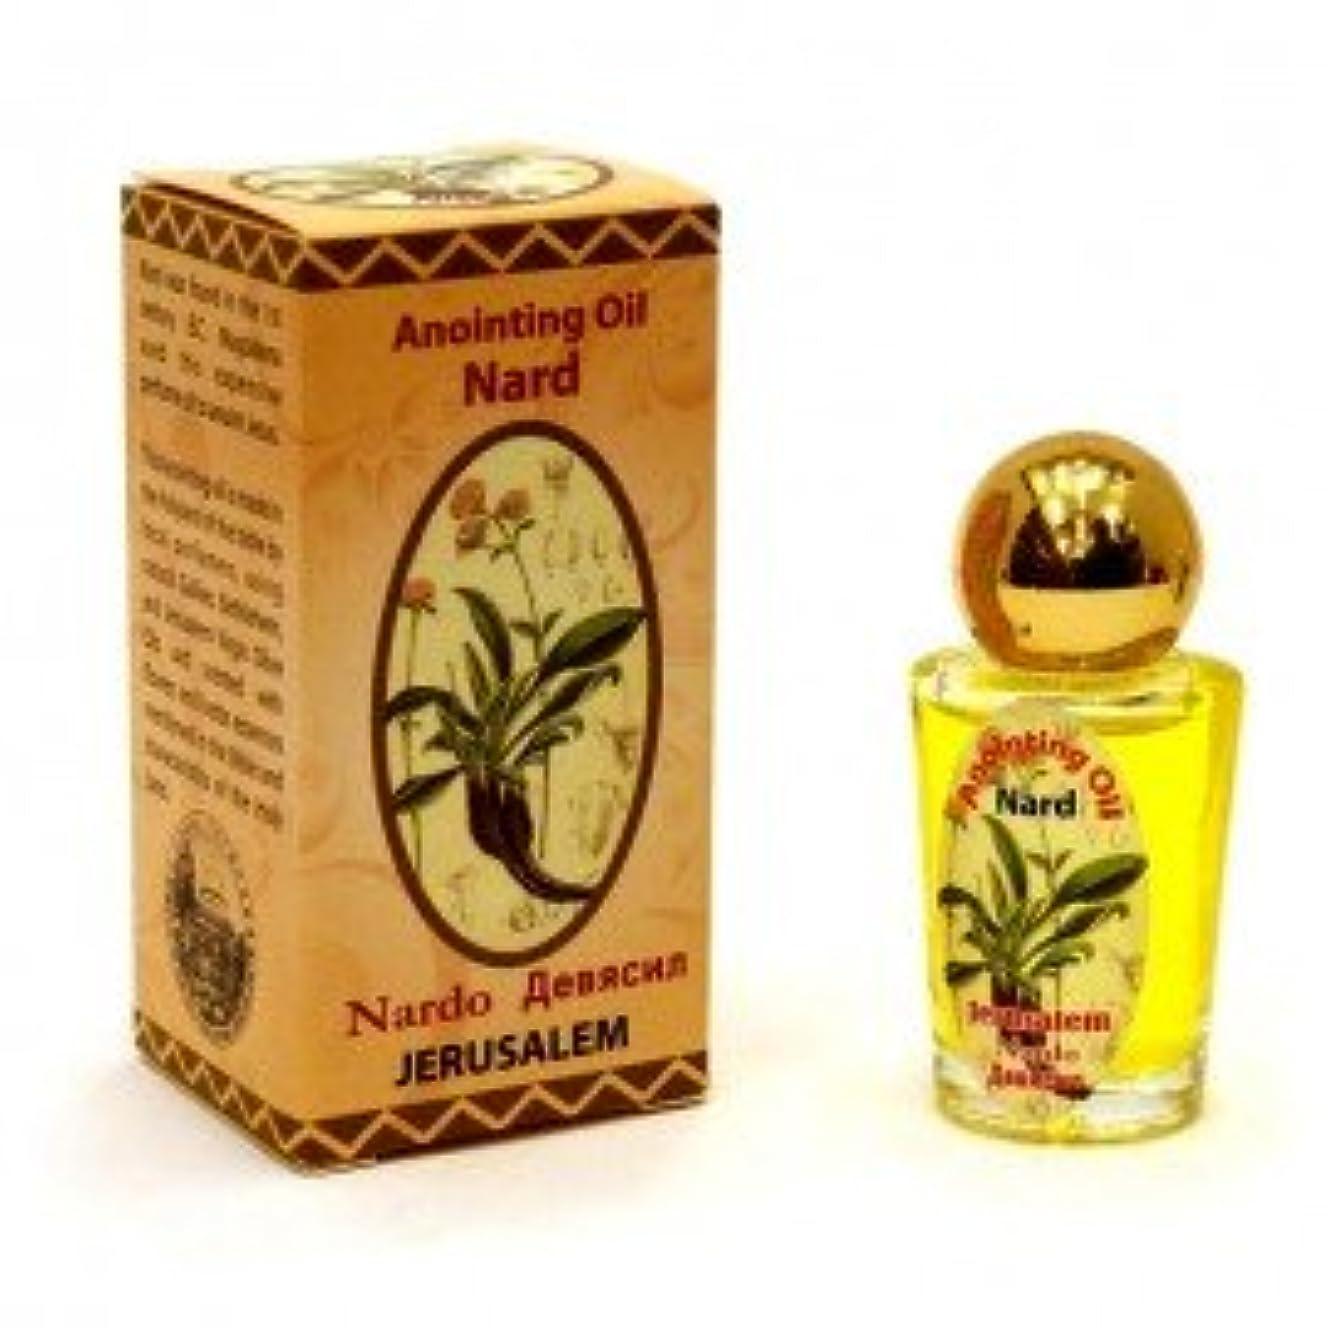 暫定のインタネットを見るすでにHoly Land Blessed Anointingオイル30 ml Biblical Fragrance Jerusalem byベツレヘムギフトTM